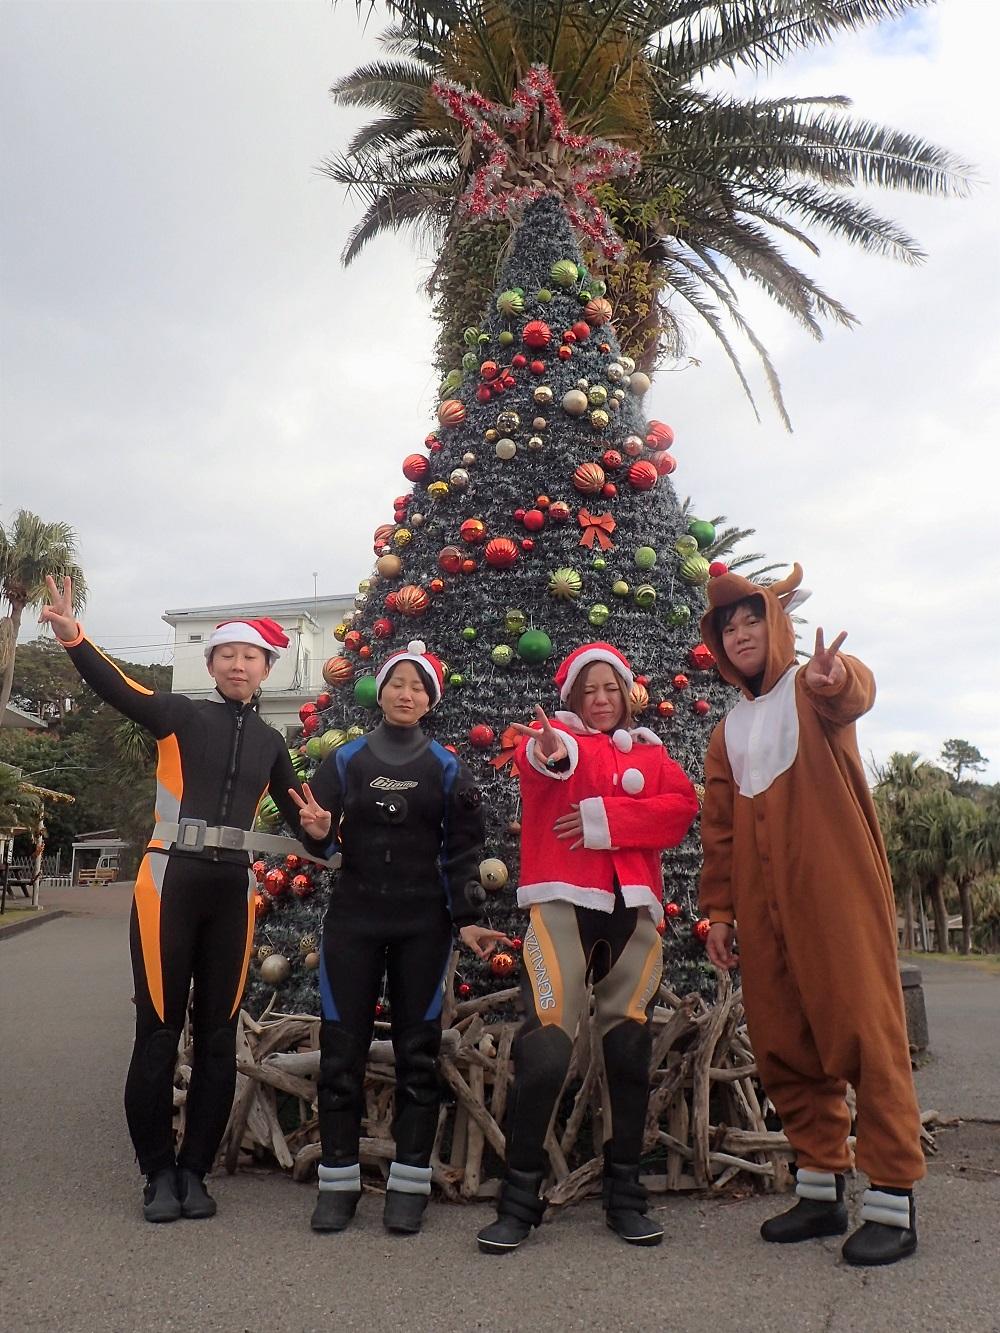 伊豆海洋公園クリスマスツリーの前で記念撮影